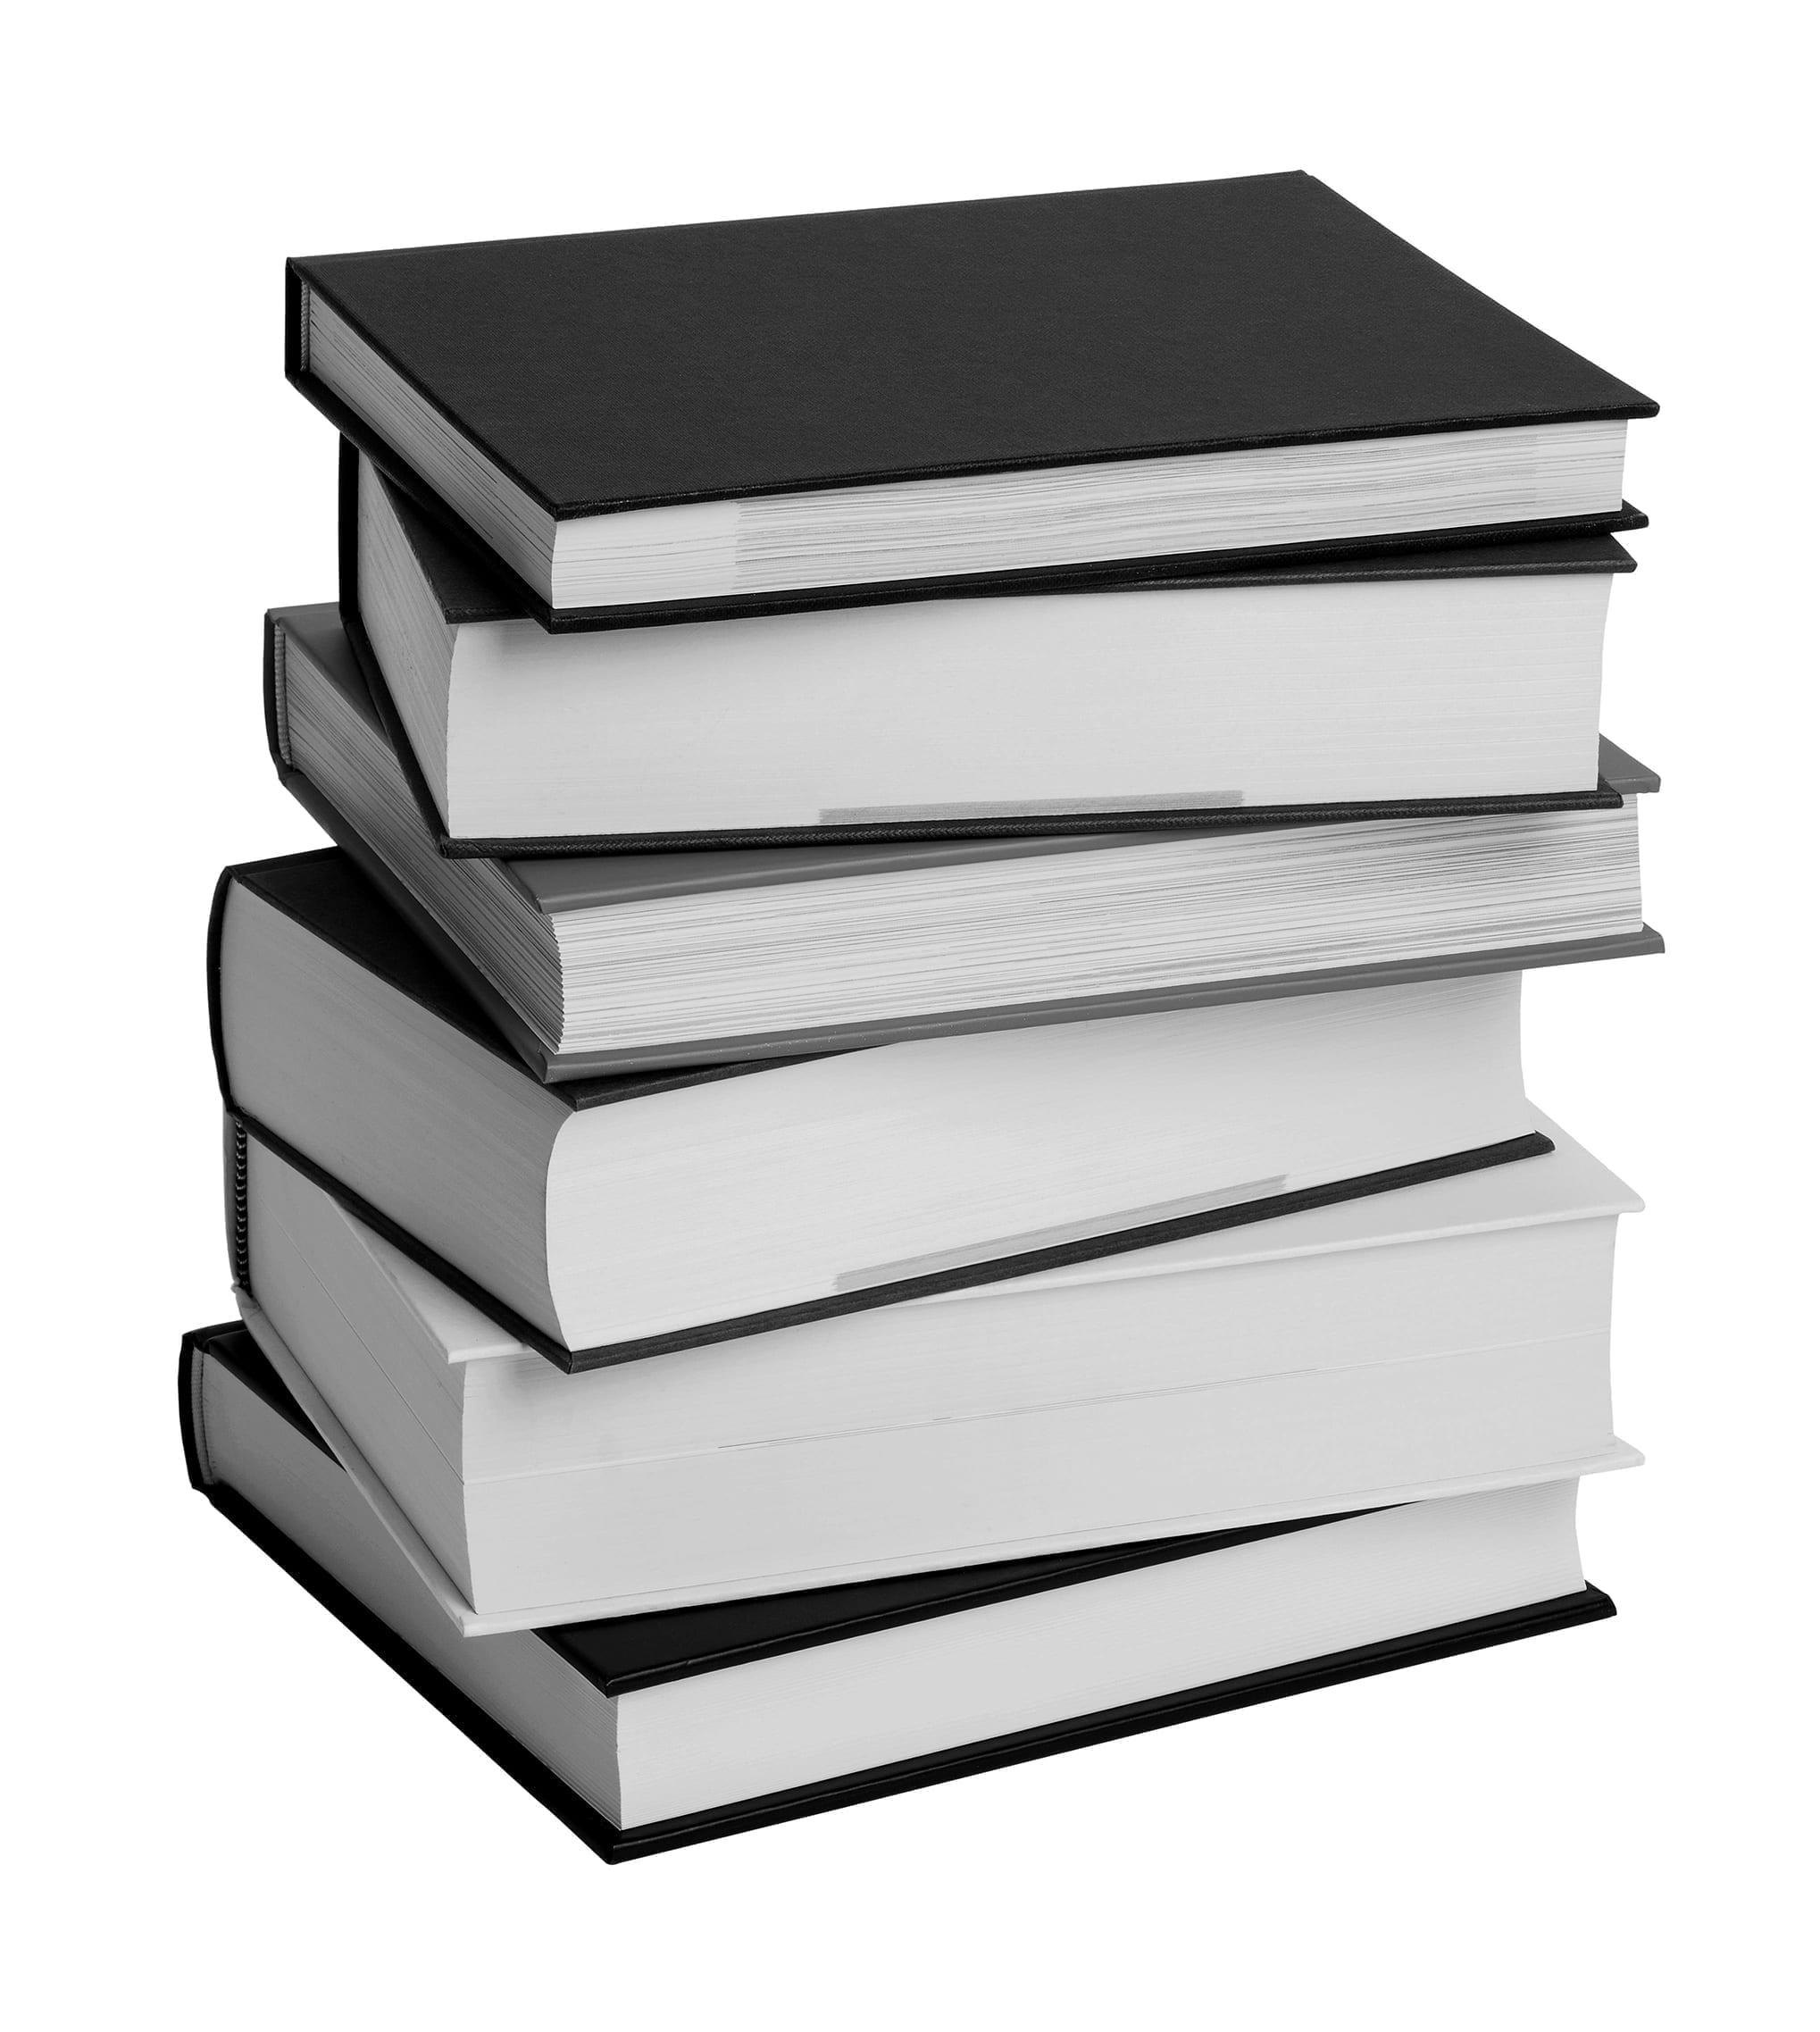 Stack of hardback books